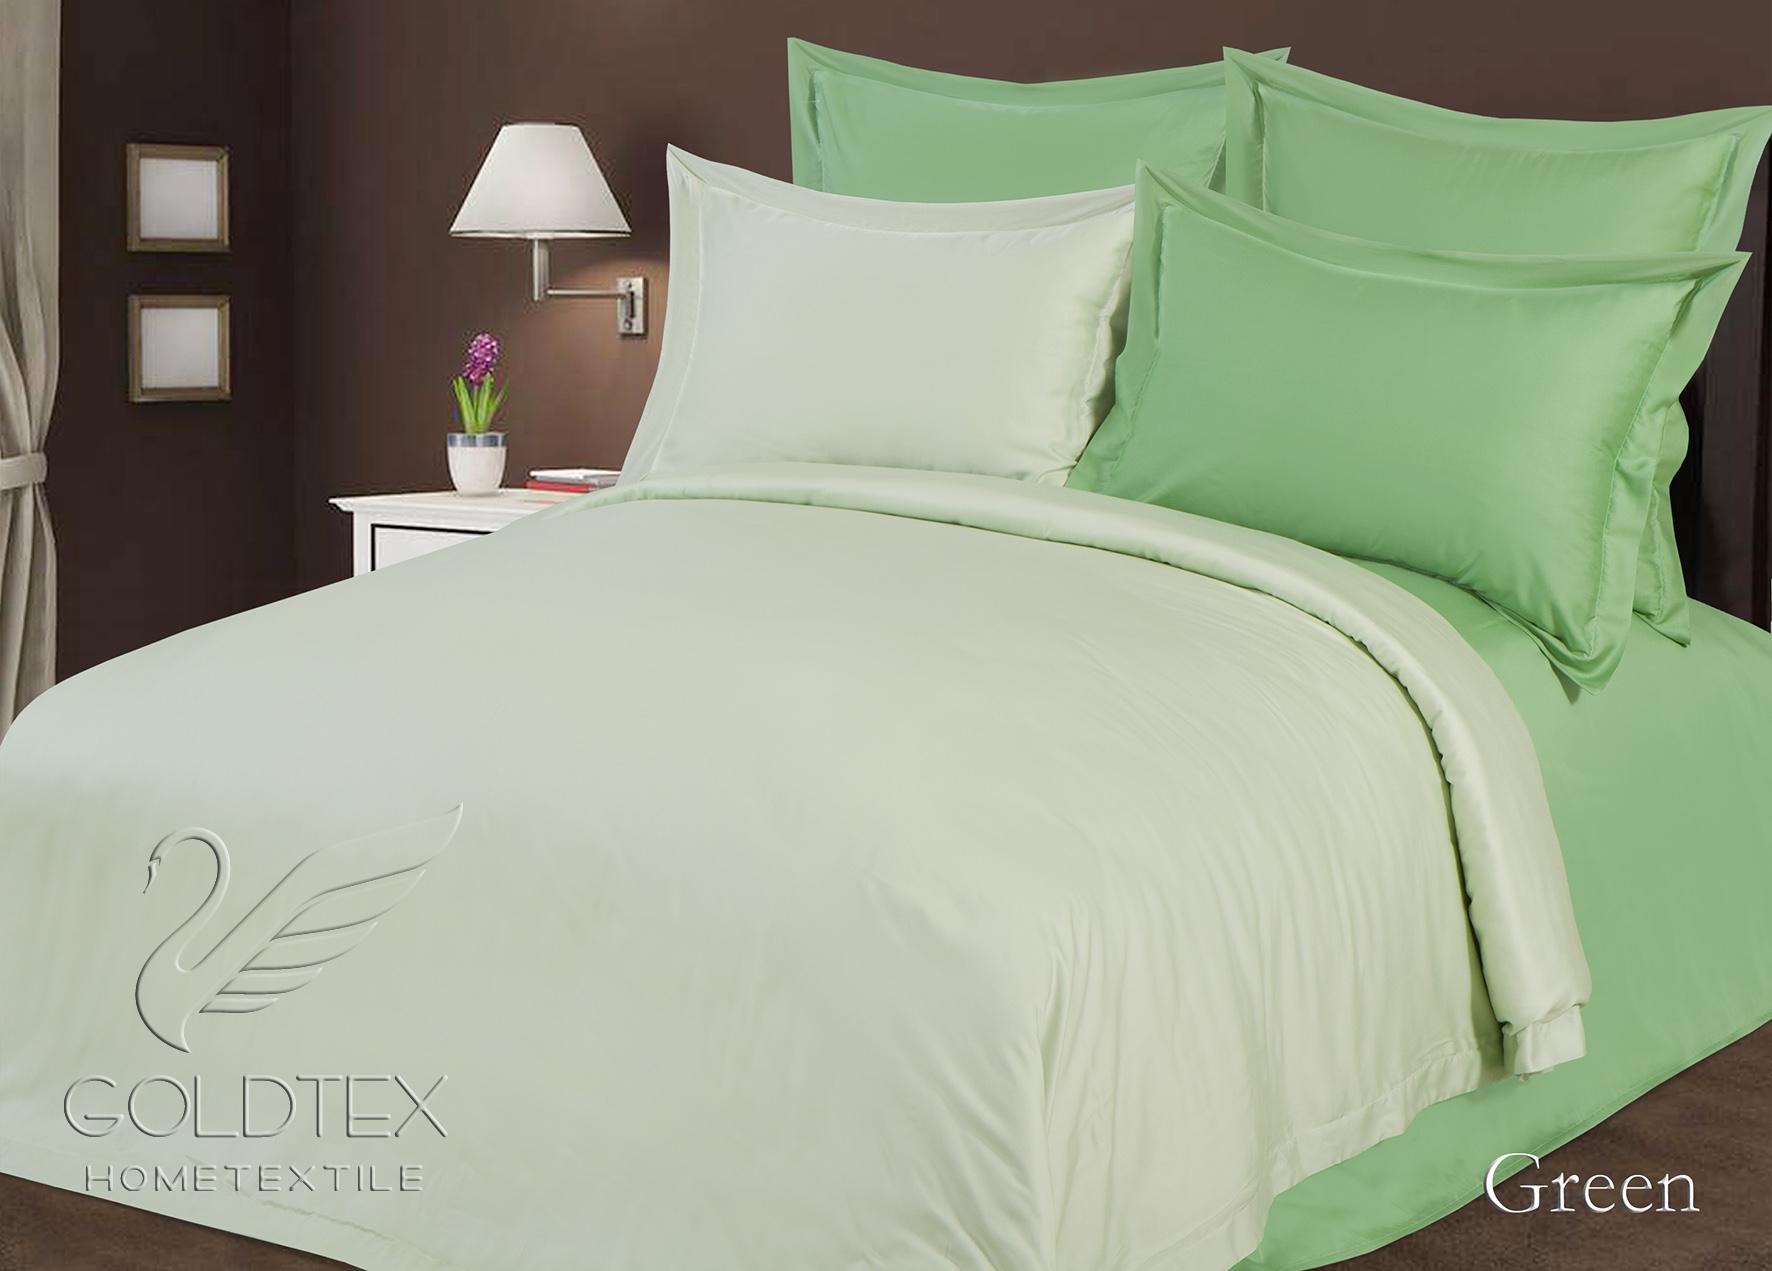 Комплект  Green , размер 2,0-спальный с 4 наволочками - Постельное белье артикул: 10858